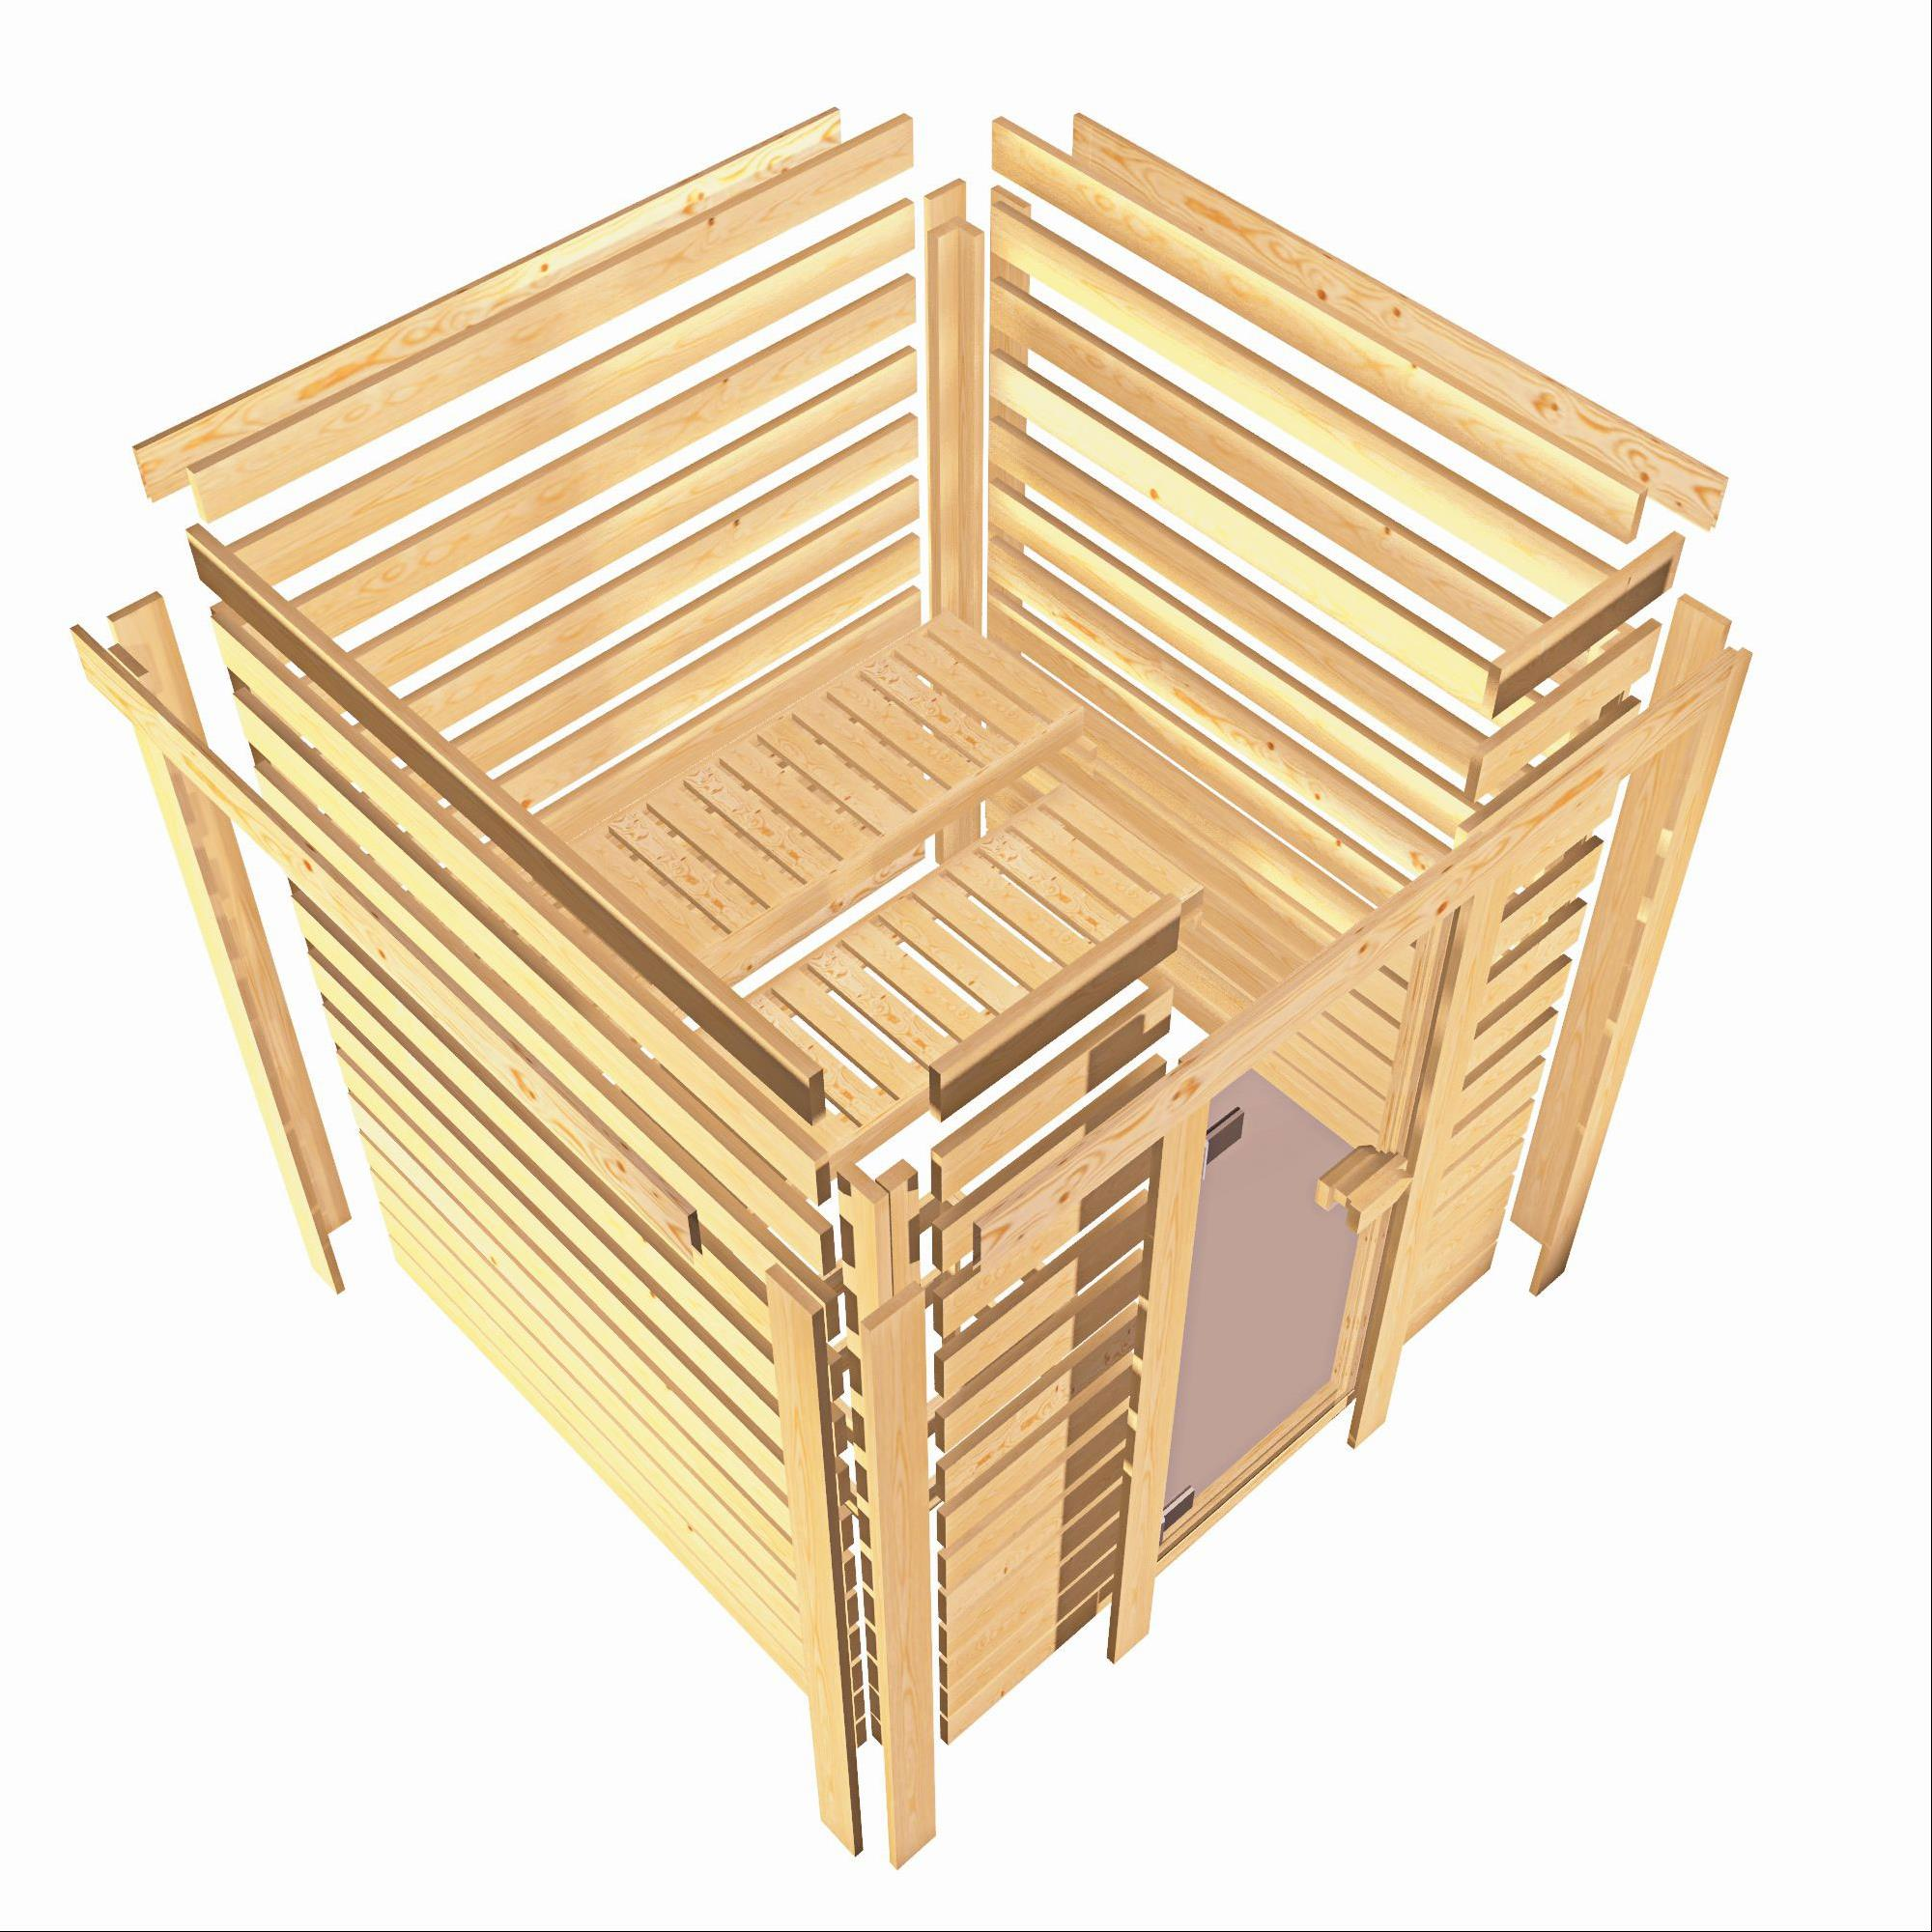 WoodFeeling Sauna Anja 38mm Bio Saunaofen 9kW extern Kranz Classic Tür Bild 4